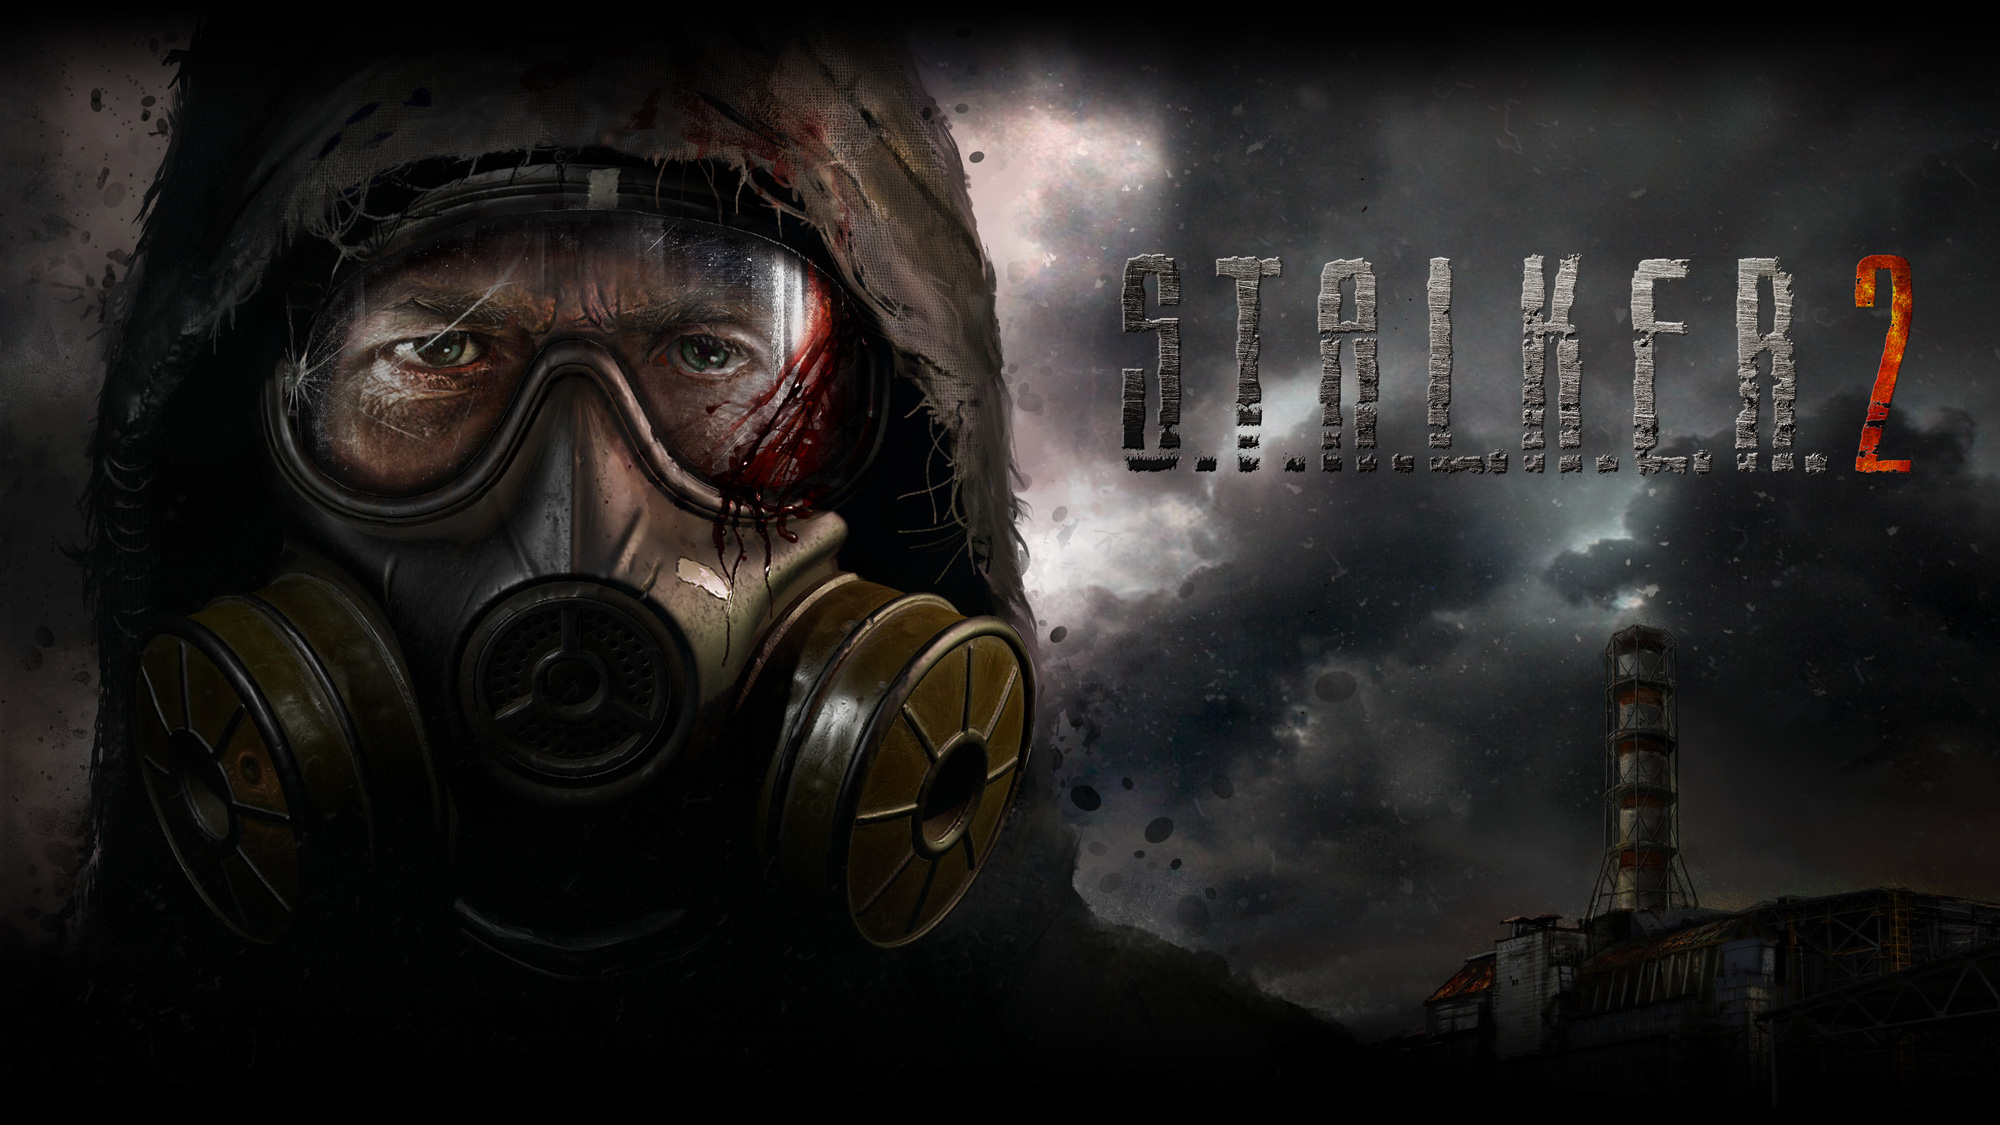 Trailer mới của series huyền thoại S.T.A.L.K.E.R.: mang tên Trái tim Chernobyl, đưa bạn vào thế giới huyền bí, đổ nát của bè phái và sinh vật đột biến - Ảnh 1.